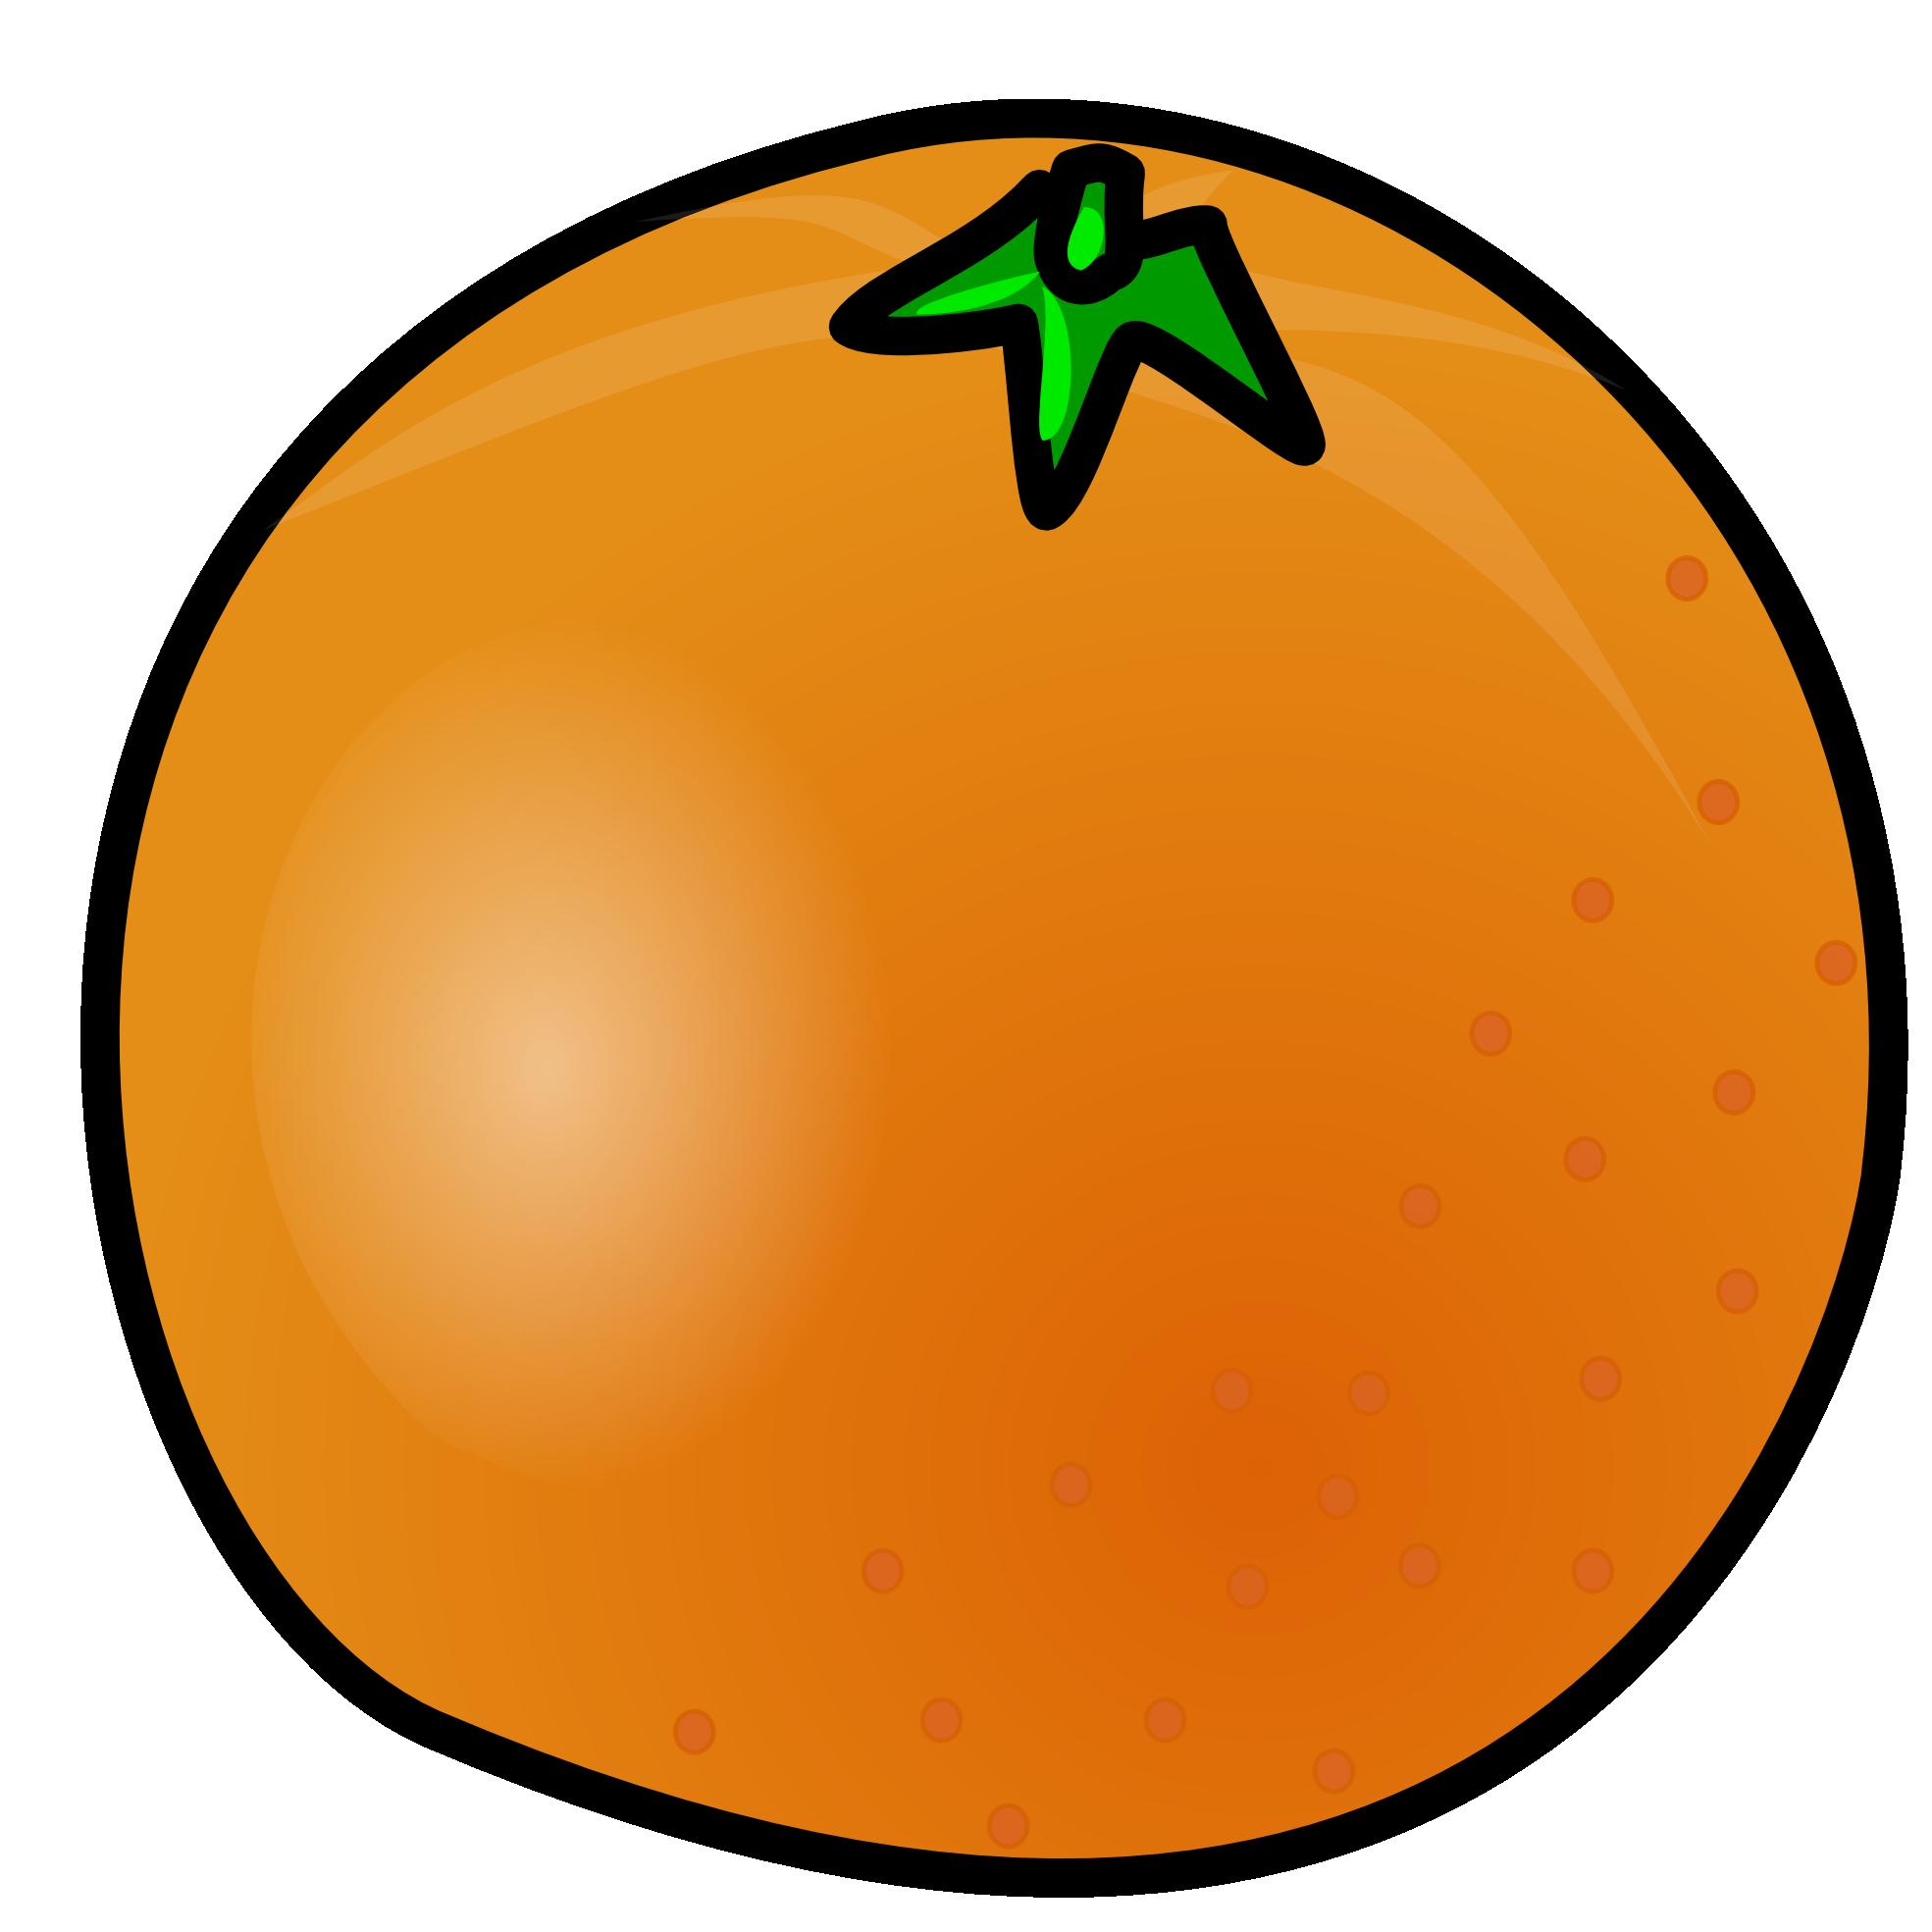 Orange Clip Art